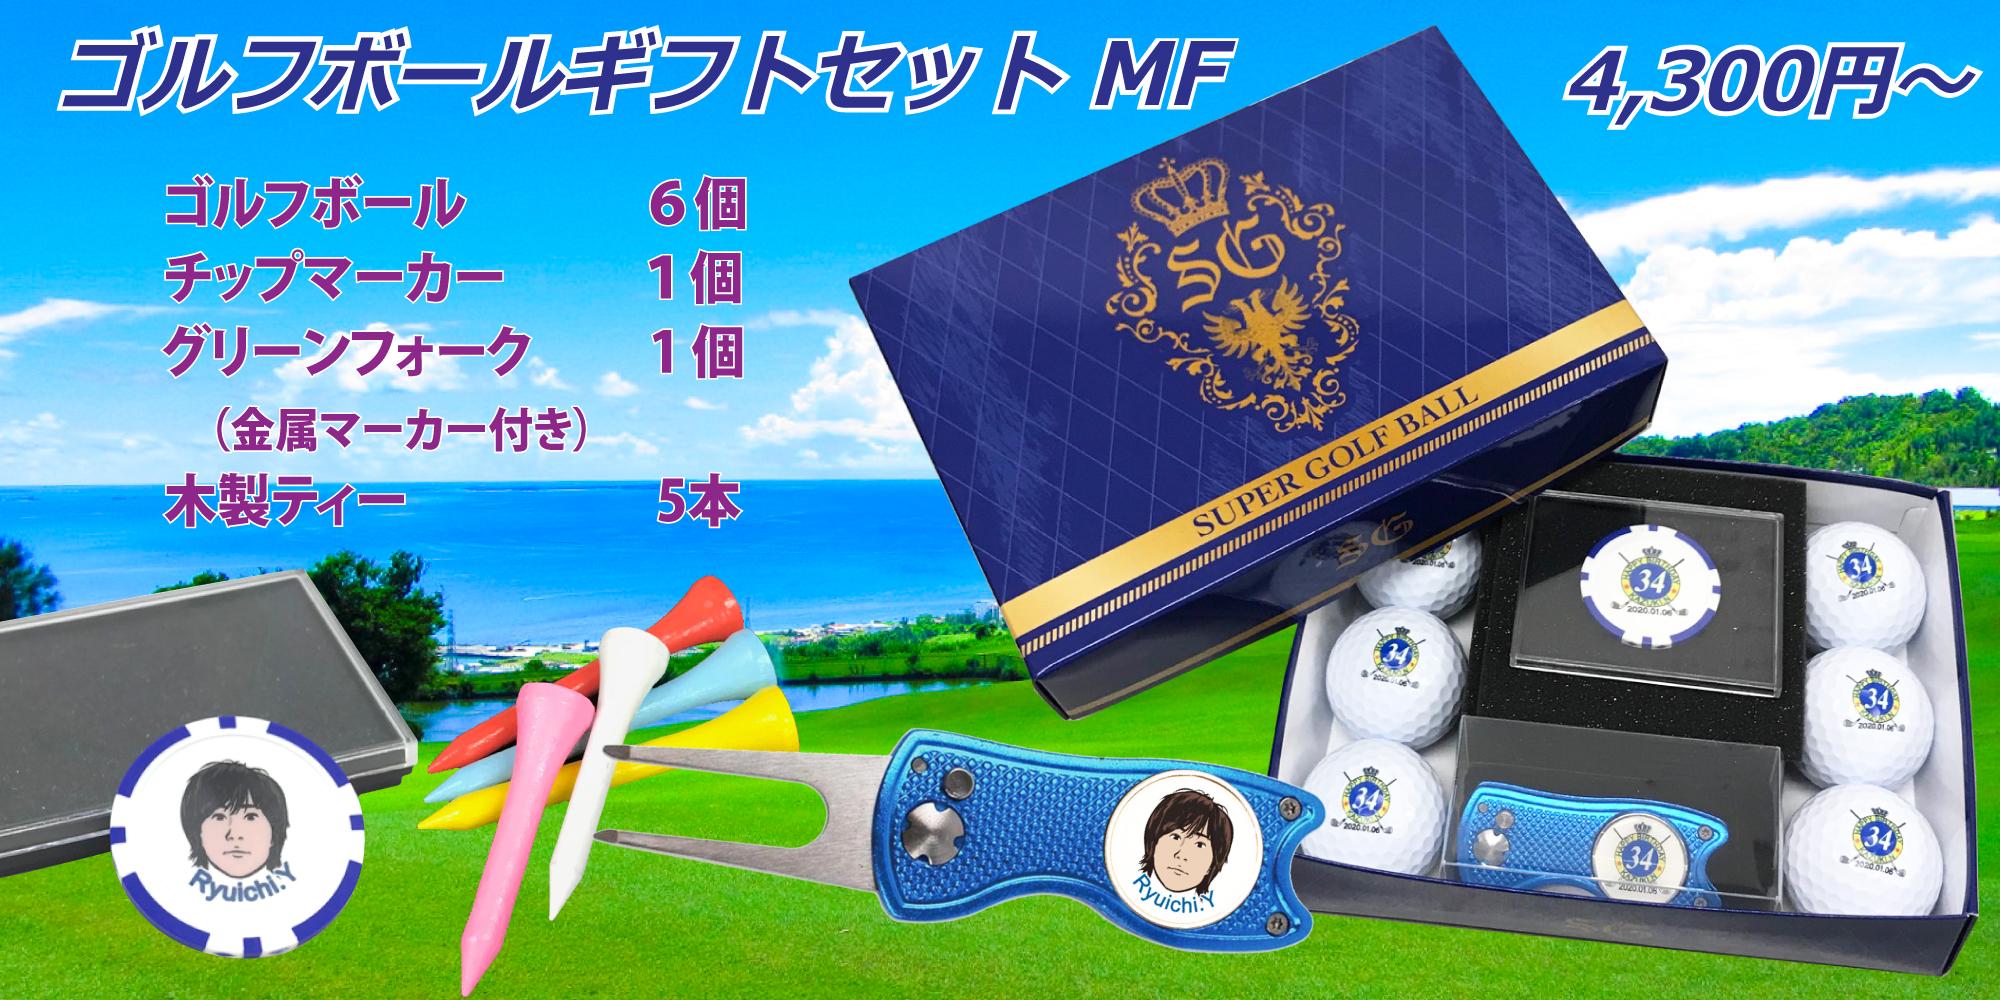 名入れゴルフボールギフトセットMF 名入れゴルフボールと金属グリーンフォークのセットです。